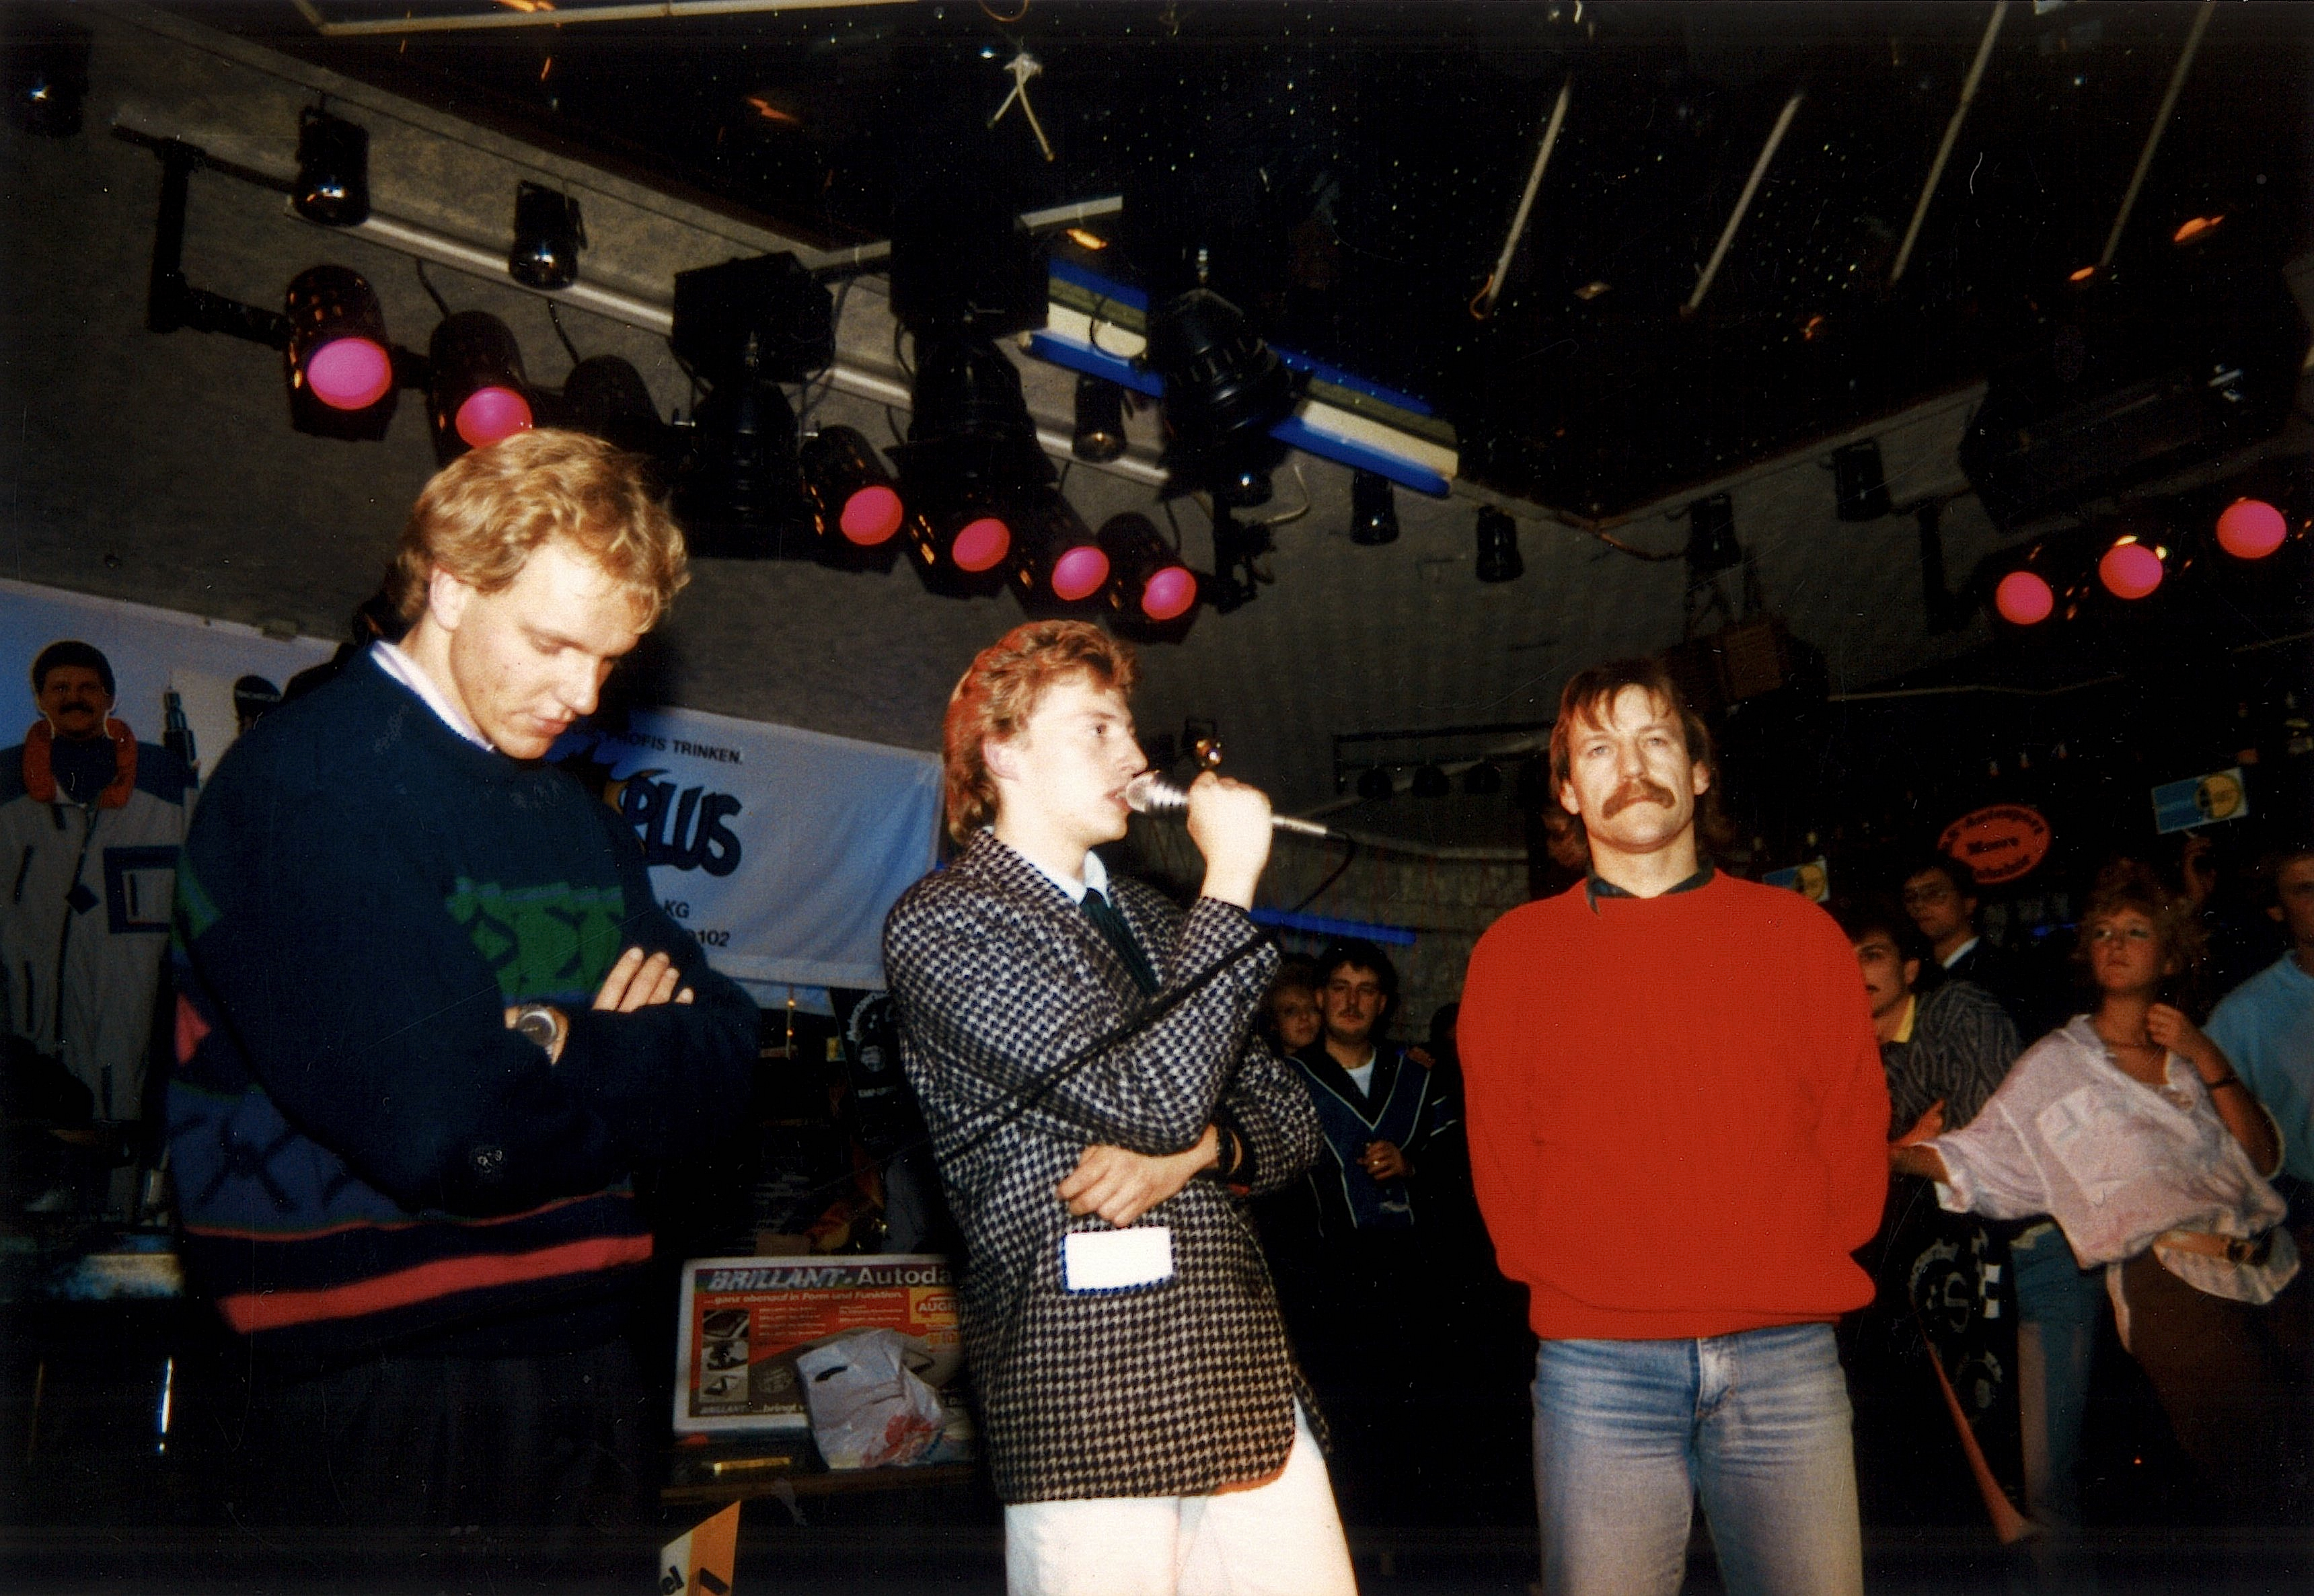 1986-Discothek-Second-Live-Carsten-Krome-Joerg-van-Ommen-Peter-John